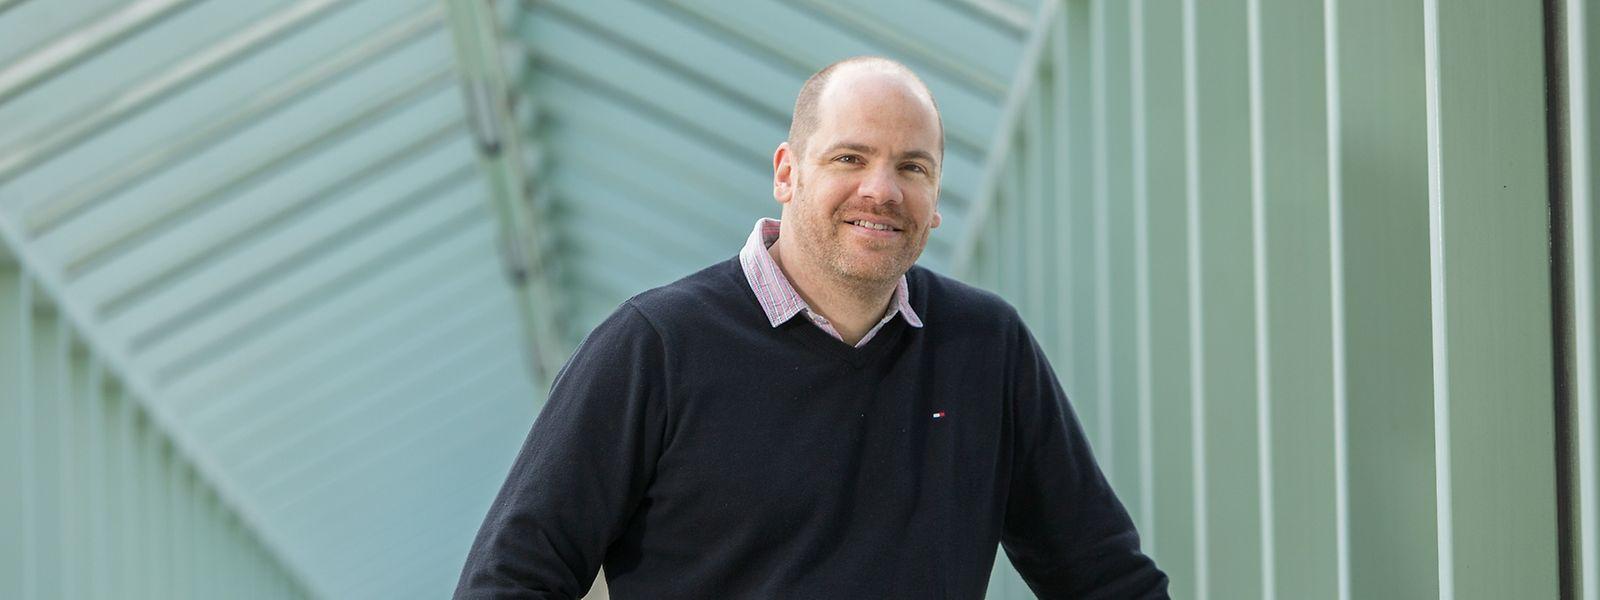 """Massimiliano Esposito, PhD der Naturwissenschaften und Forscher an der Universität Luxemburg, erhält den """"Consolidor Grant""""."""